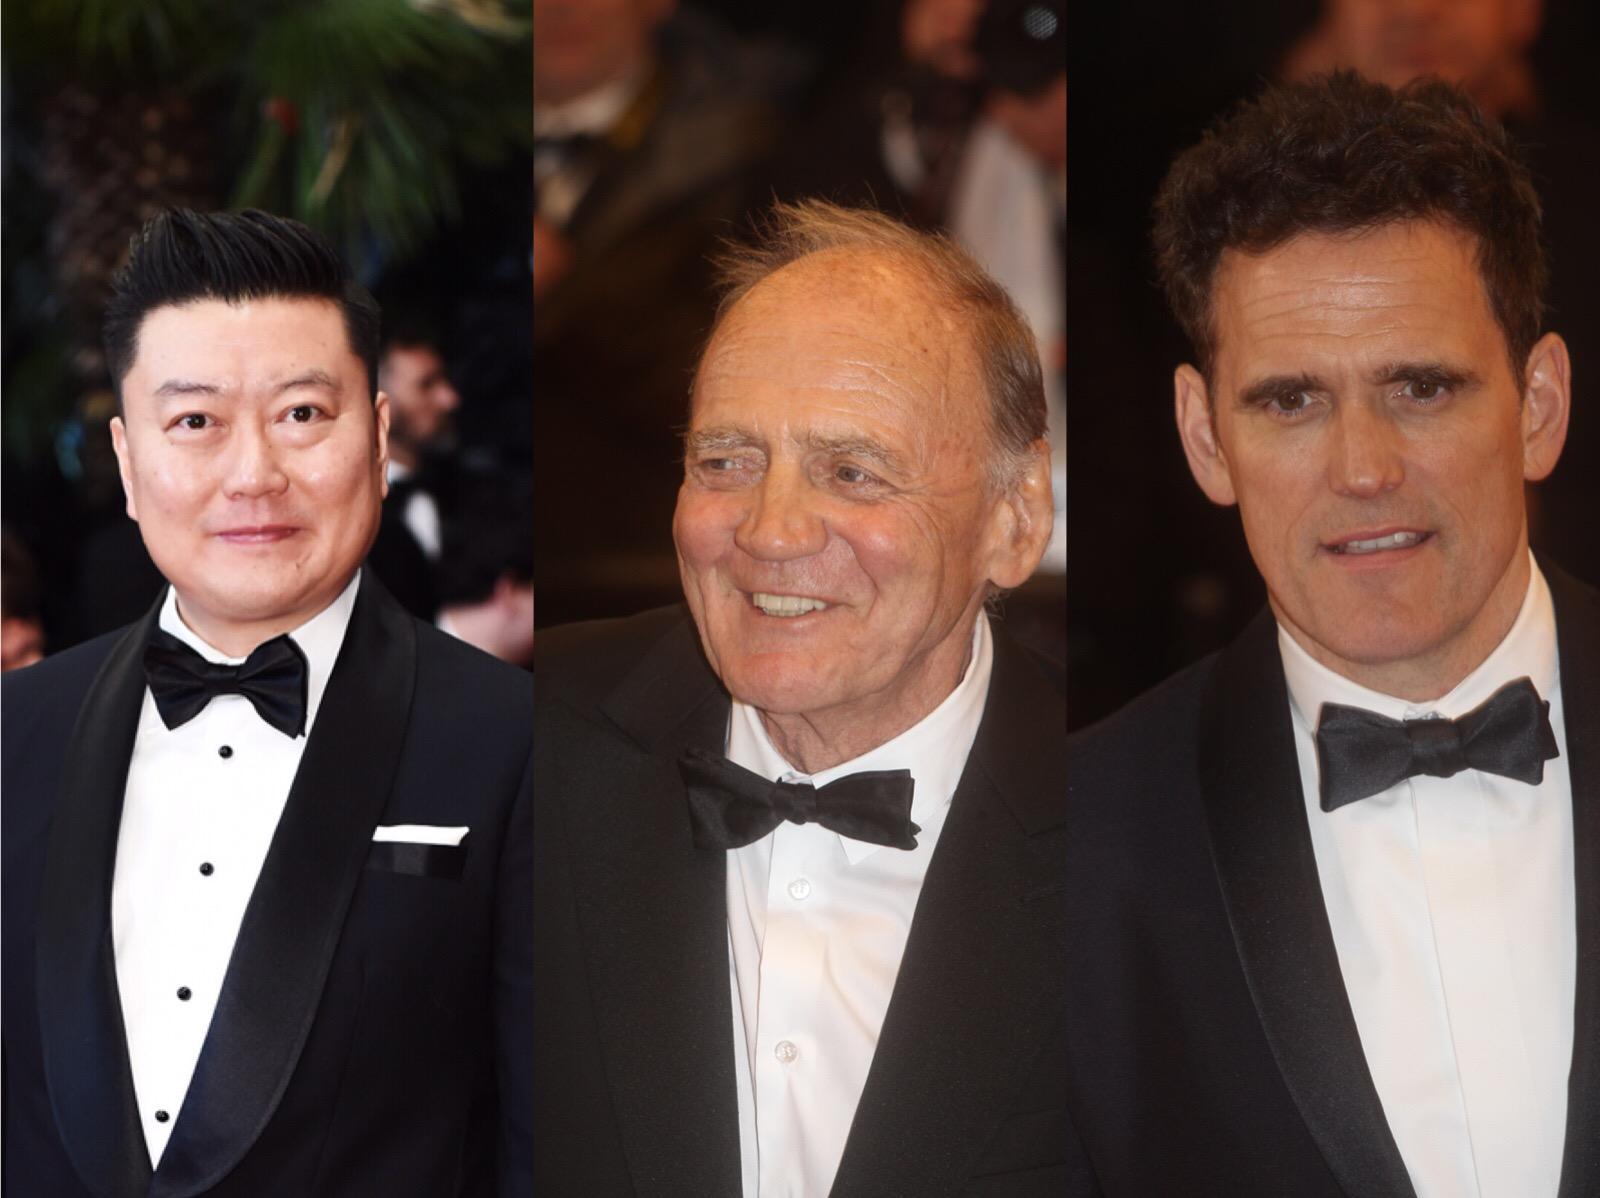 """《最近最远的你》制片人阎康(左)受""""聚焦中国""""和国际电影学院(ICI)的邀请,走上戛纳红毯,同受国际电影学院邀约而来的还有包括瑞士老牌男演员布鲁诺·甘茨(中)和好莱坞著名影星马特·狄龙(右)在内的一众国际影人。.png"""